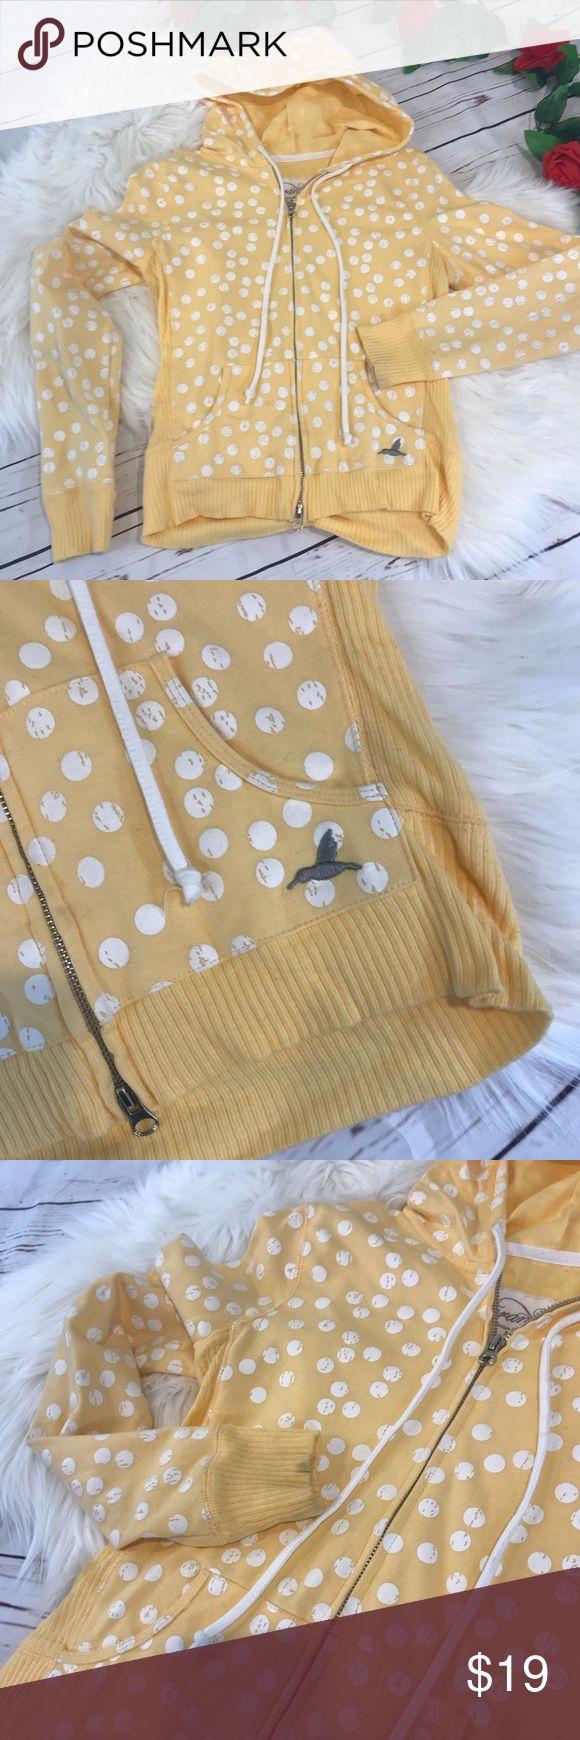 Grane medium yellow and white polka dot zip up Grane medium yellow and white polka dot zip up Adorable zip up hoodie Small mark on cuff of one sleeve  B306 Grane Tops Sweatshirts & Hoodies